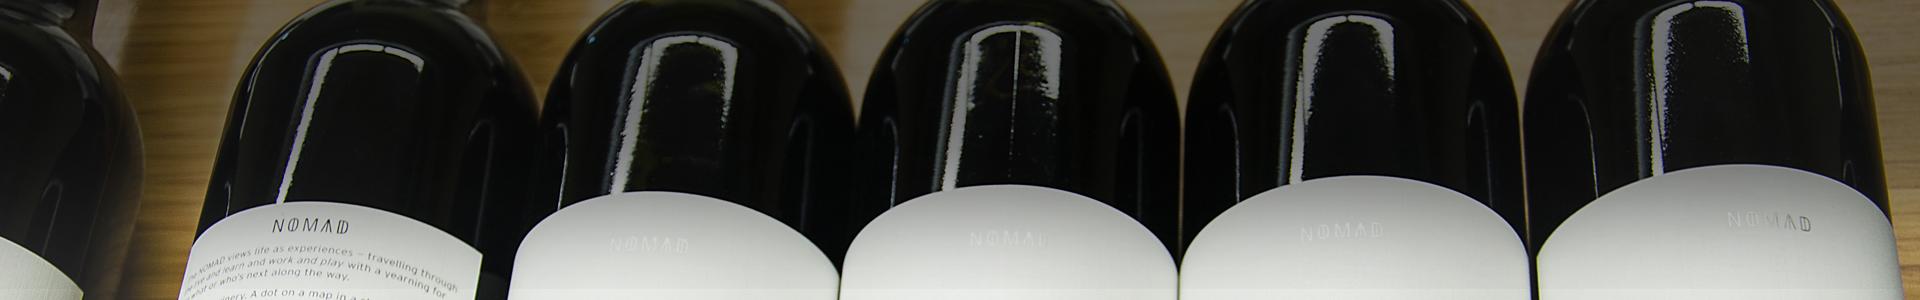 Nomad at HinterBrook Winery Retail Display Shorty